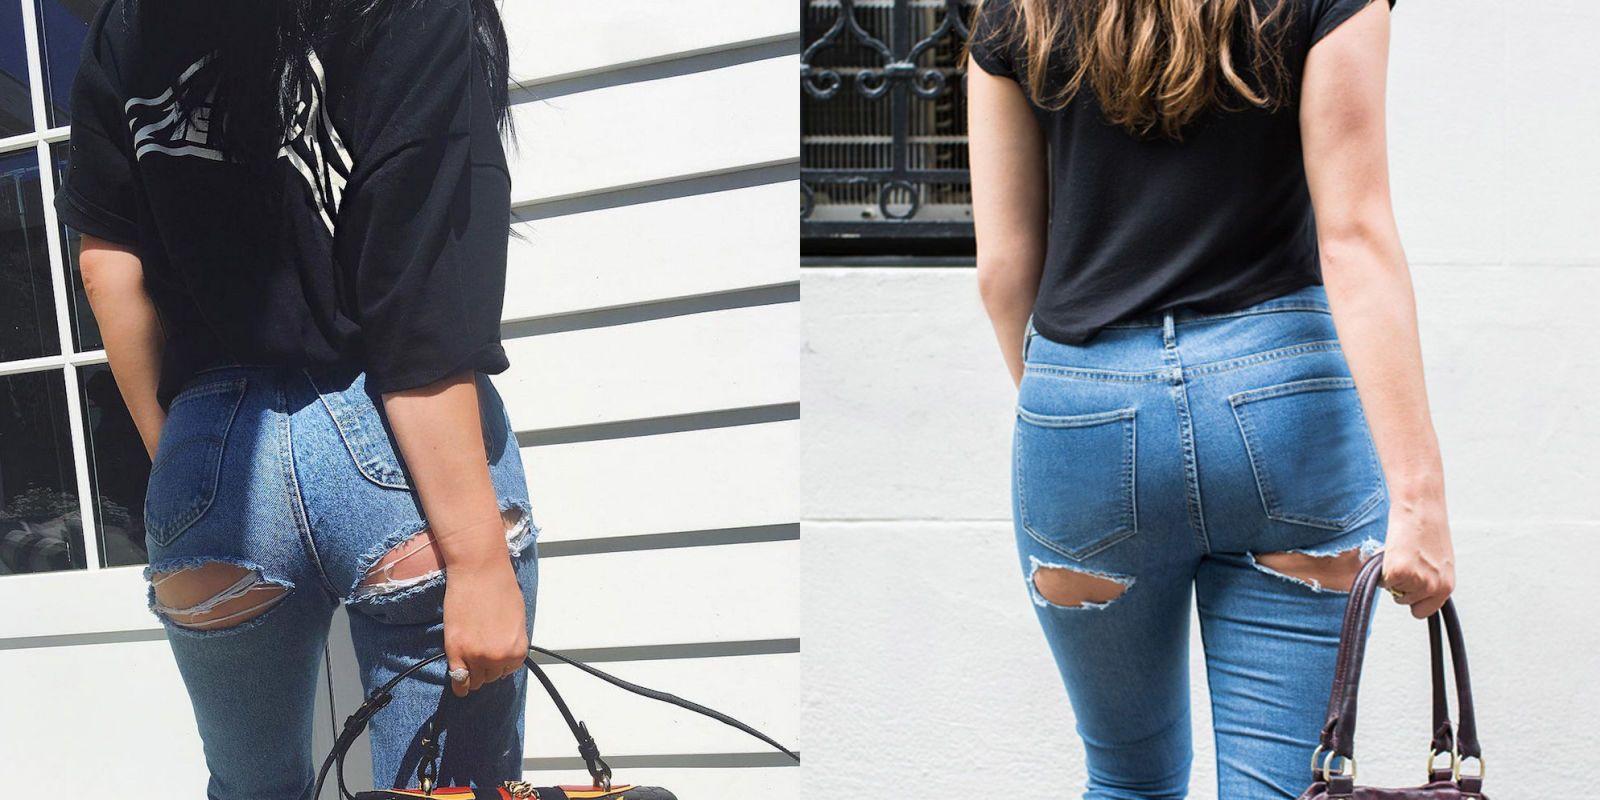 Black milf ass in black jeans